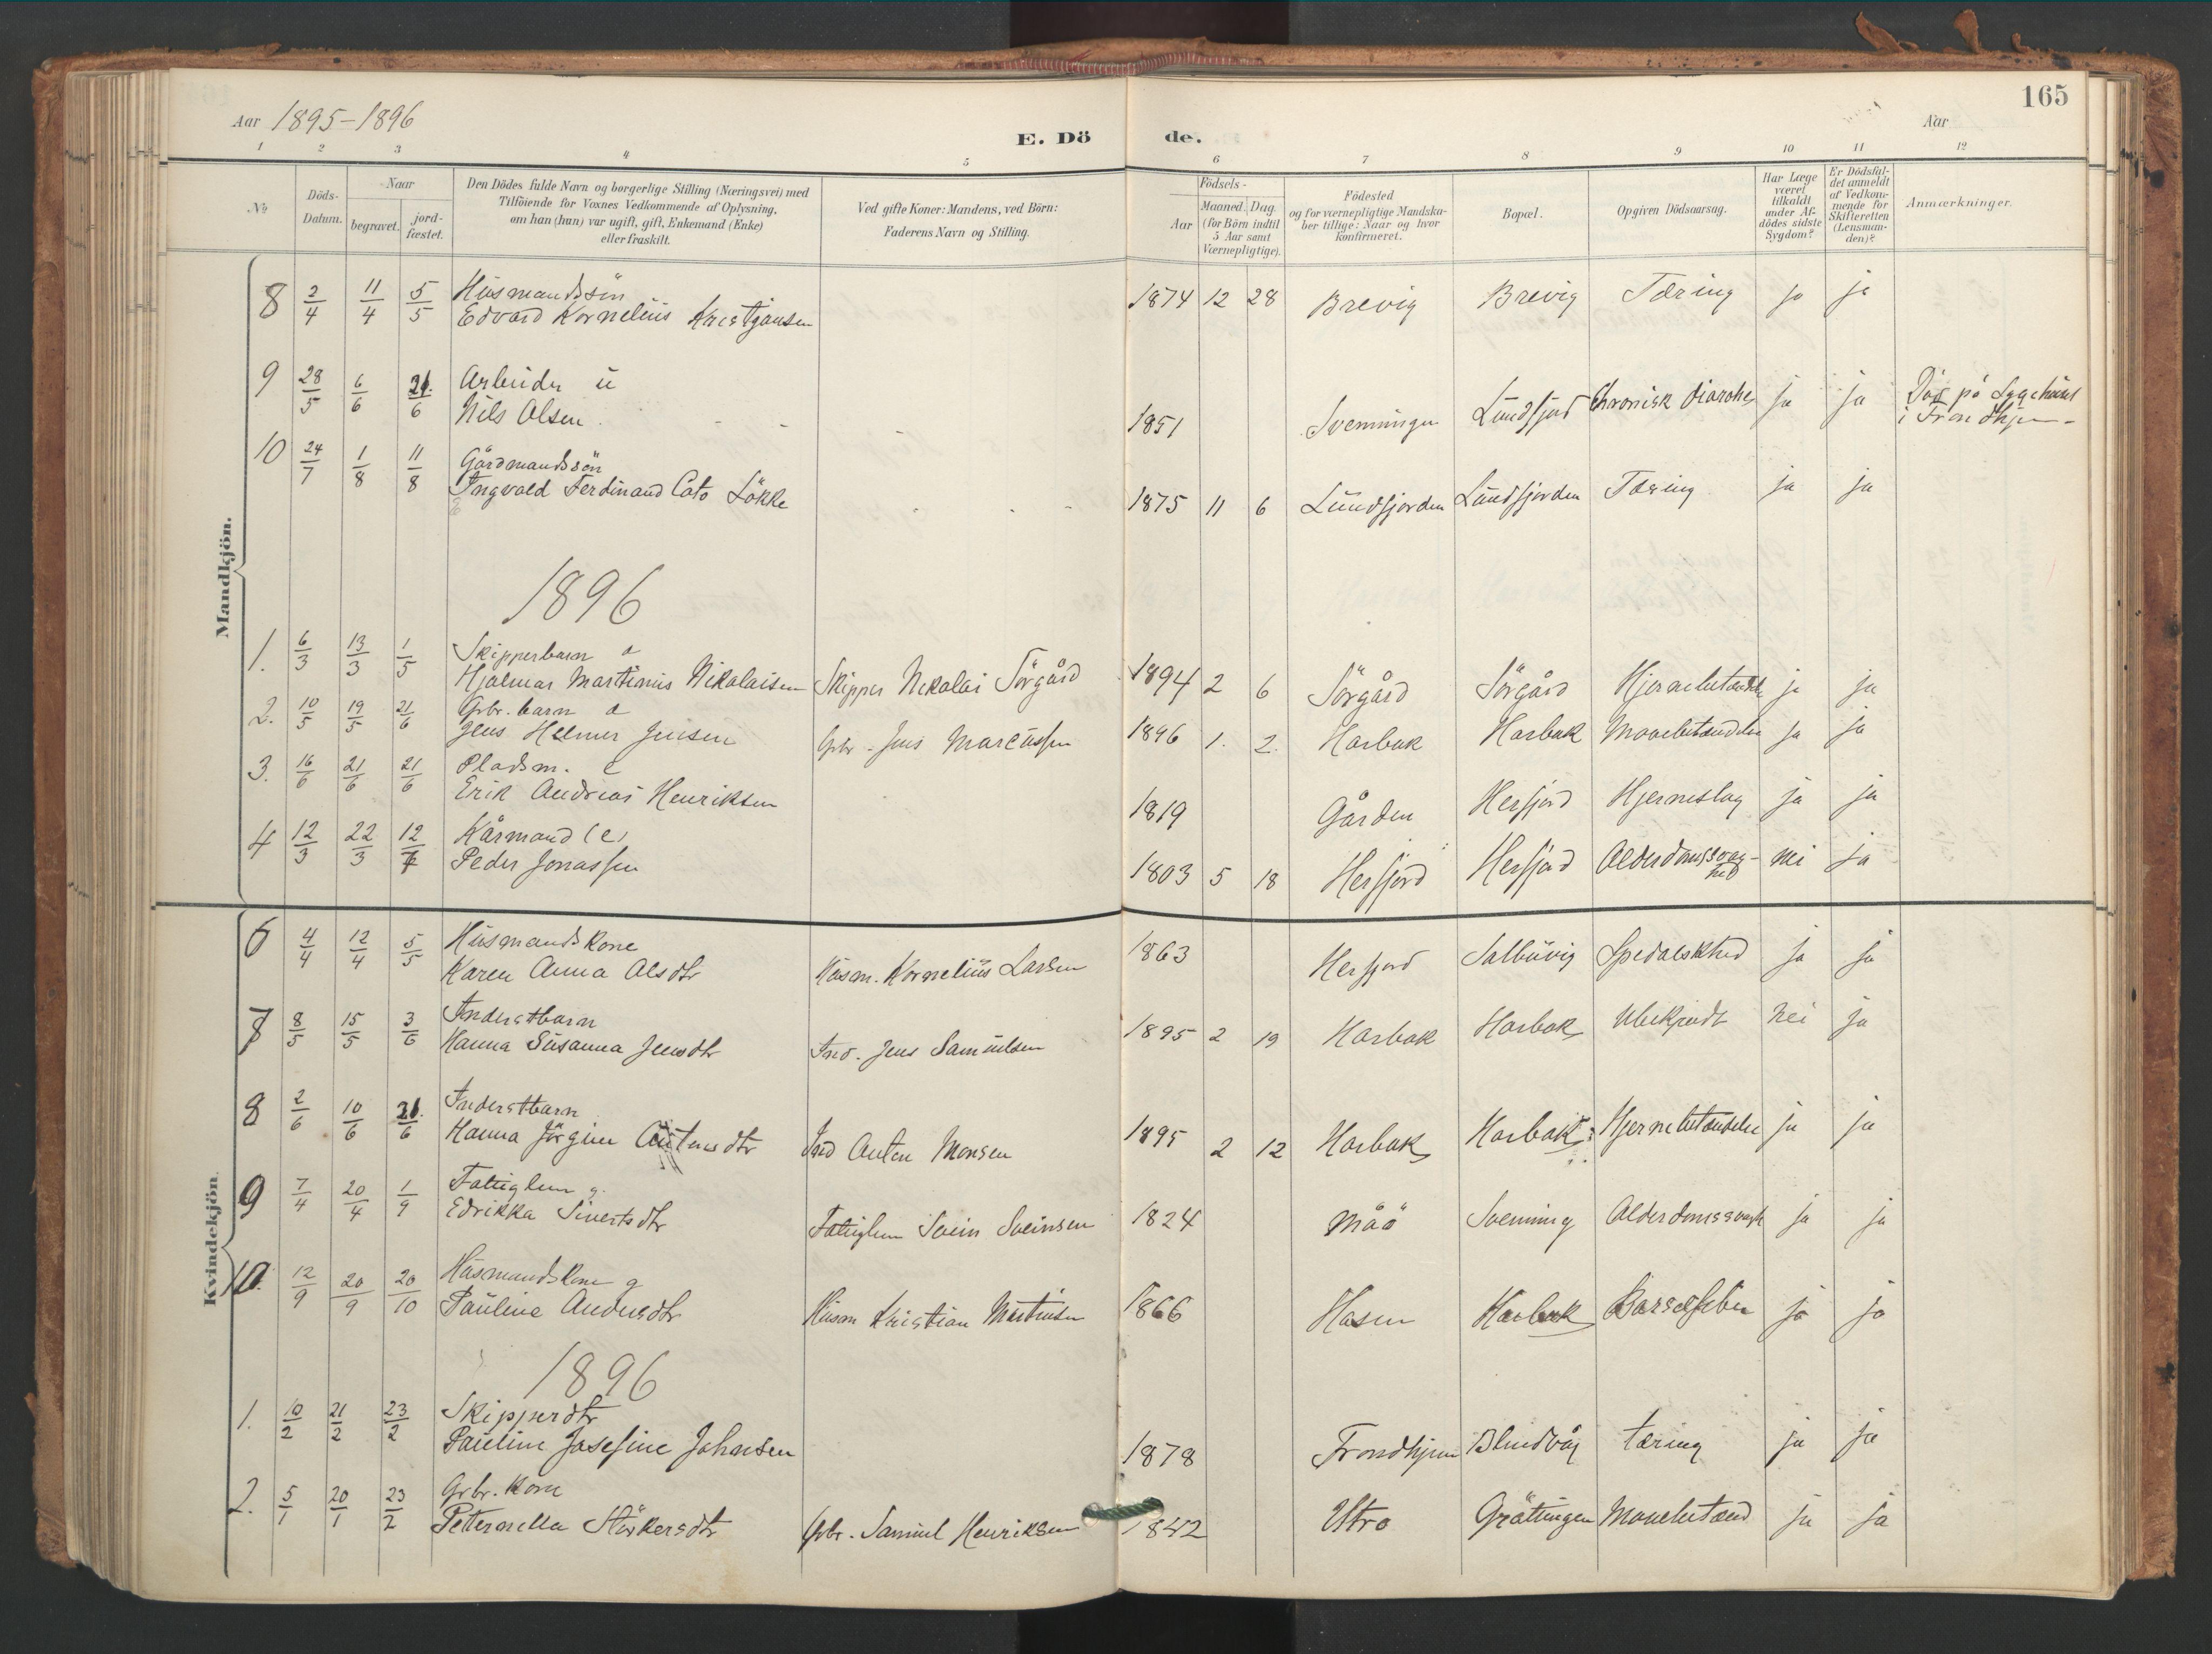 SAT, Ministerialprotokoller, klokkerbøker og fødselsregistre - Sør-Trøndelag, 656/L0693: Ministerialbok nr. 656A02, 1894-1913, s. 165